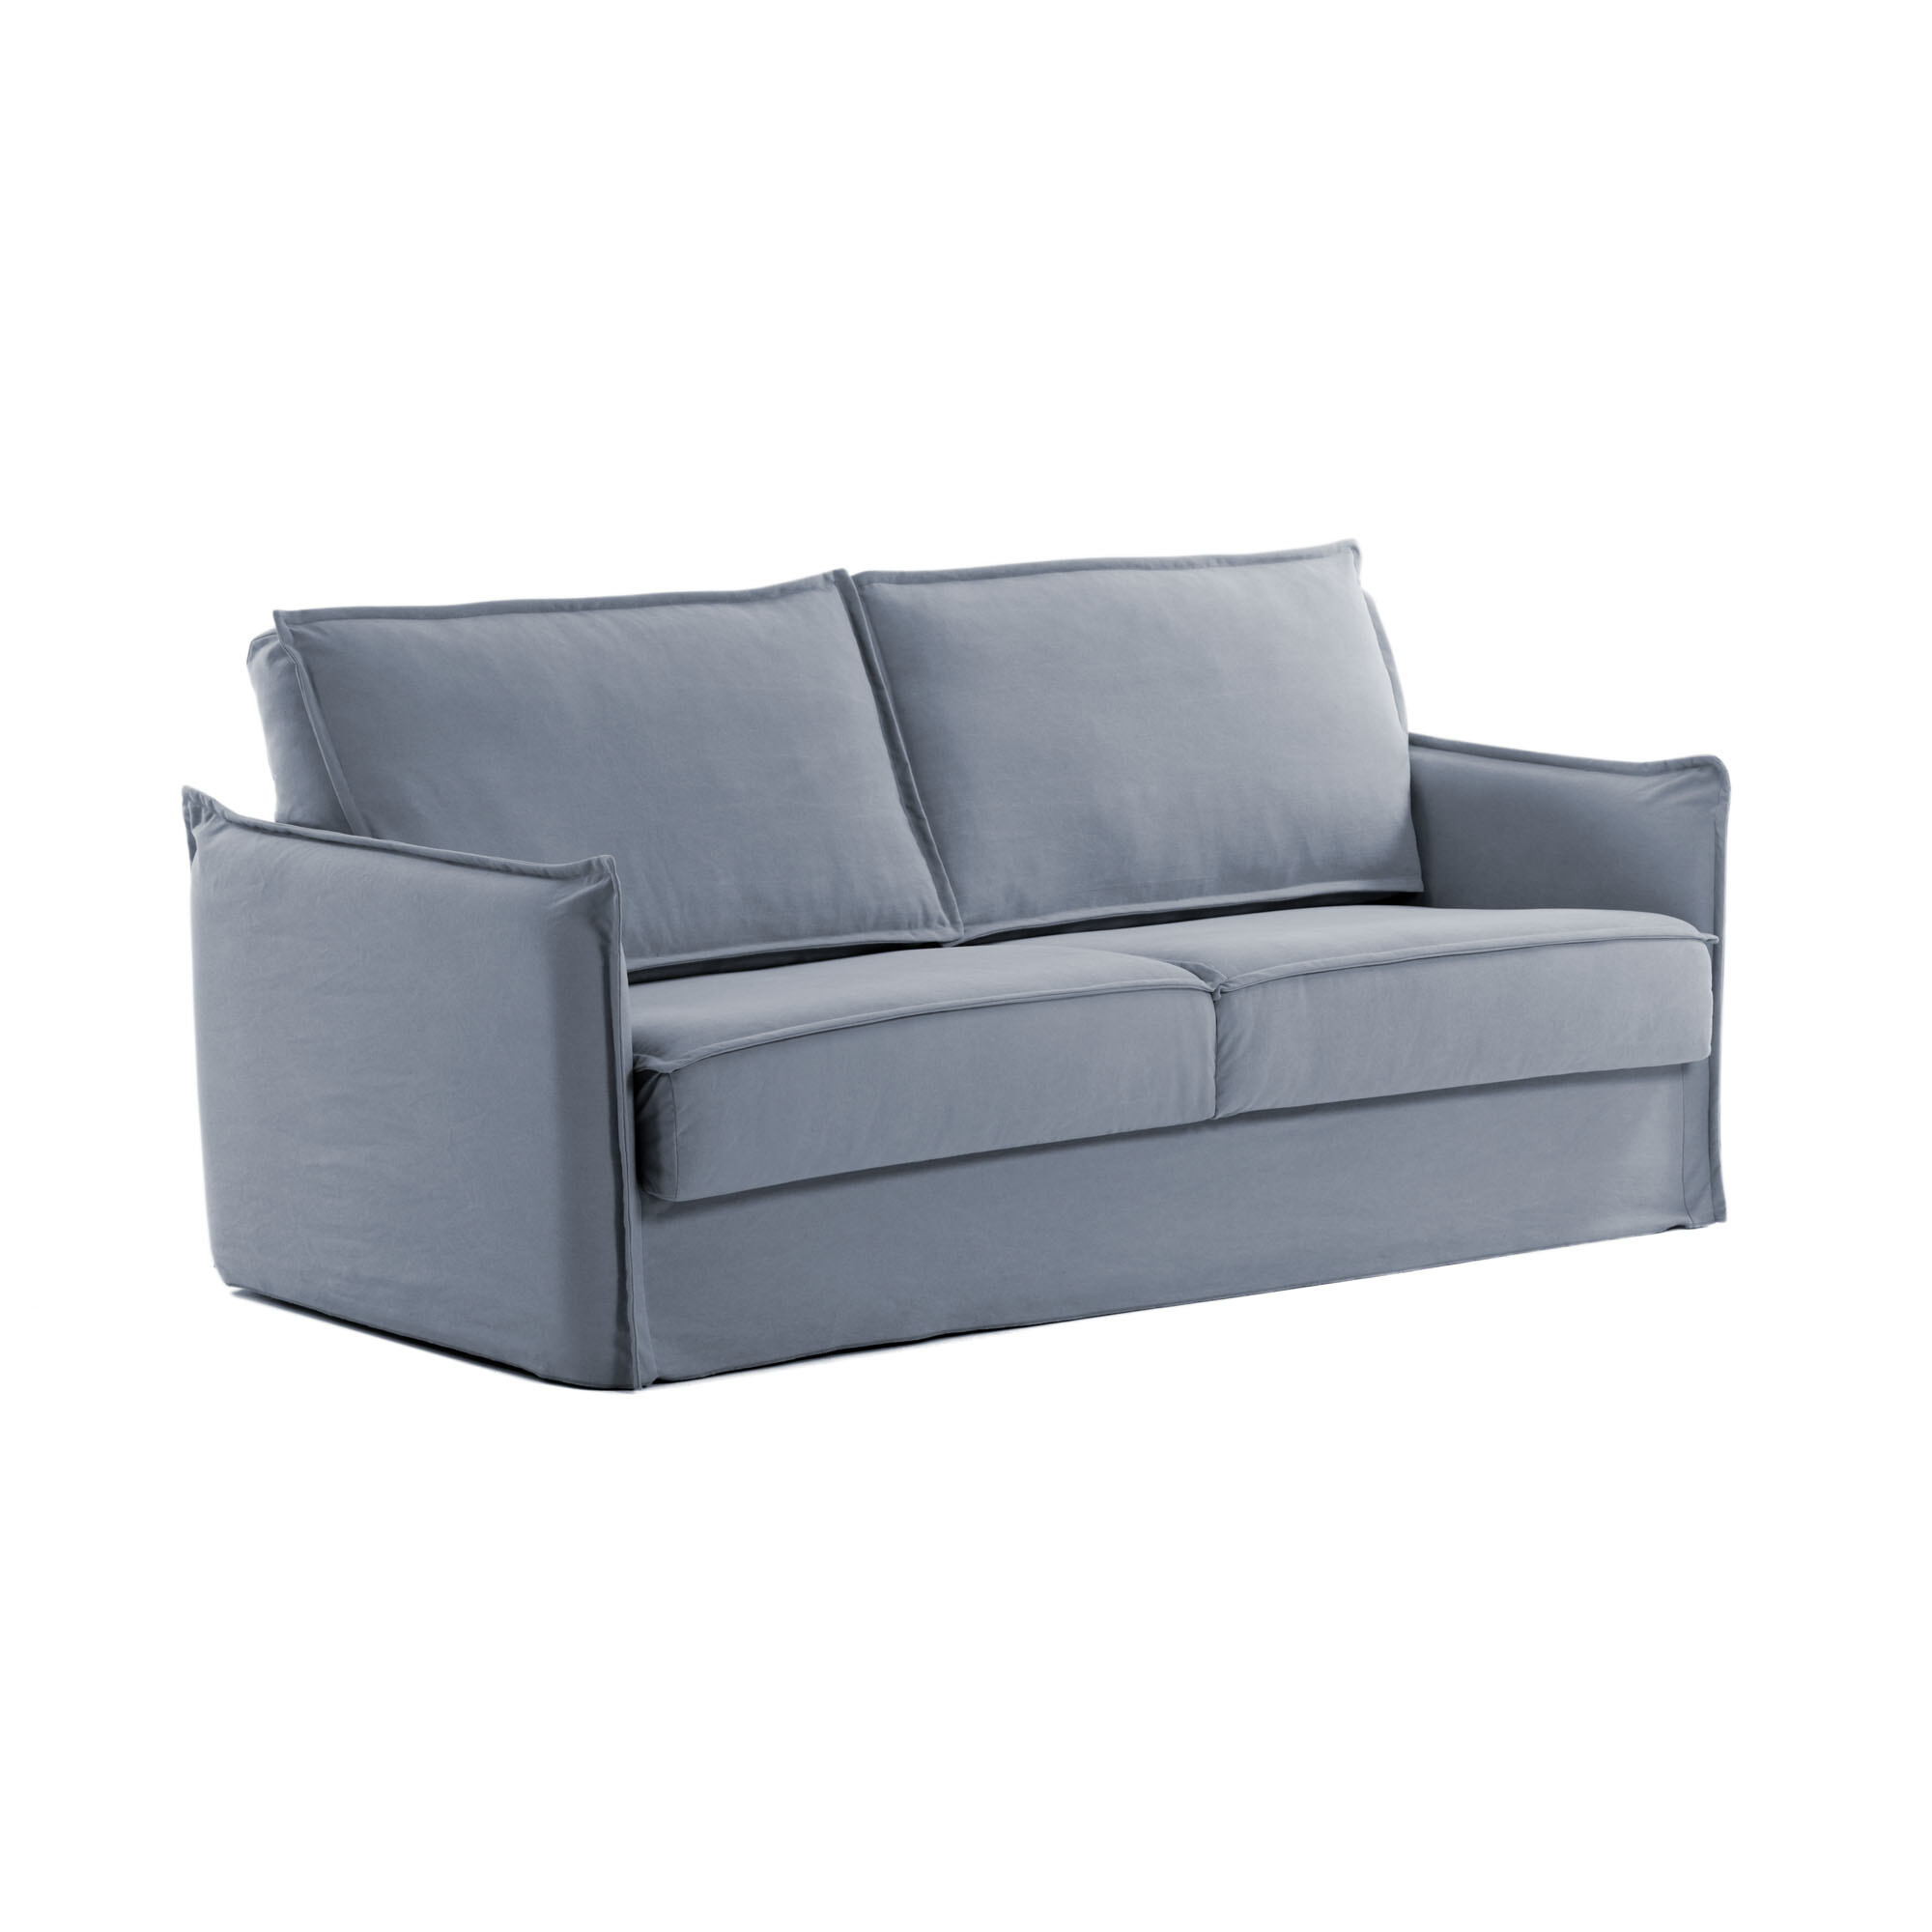 Op Design & Trends: Alles voor de inrichting van uw woning is alles over gadgets te vinden: waaronder meubelpartner en specifiek Kave Home Slaapbank Samsa Polyurethaan, 140cm, kleur Blauw